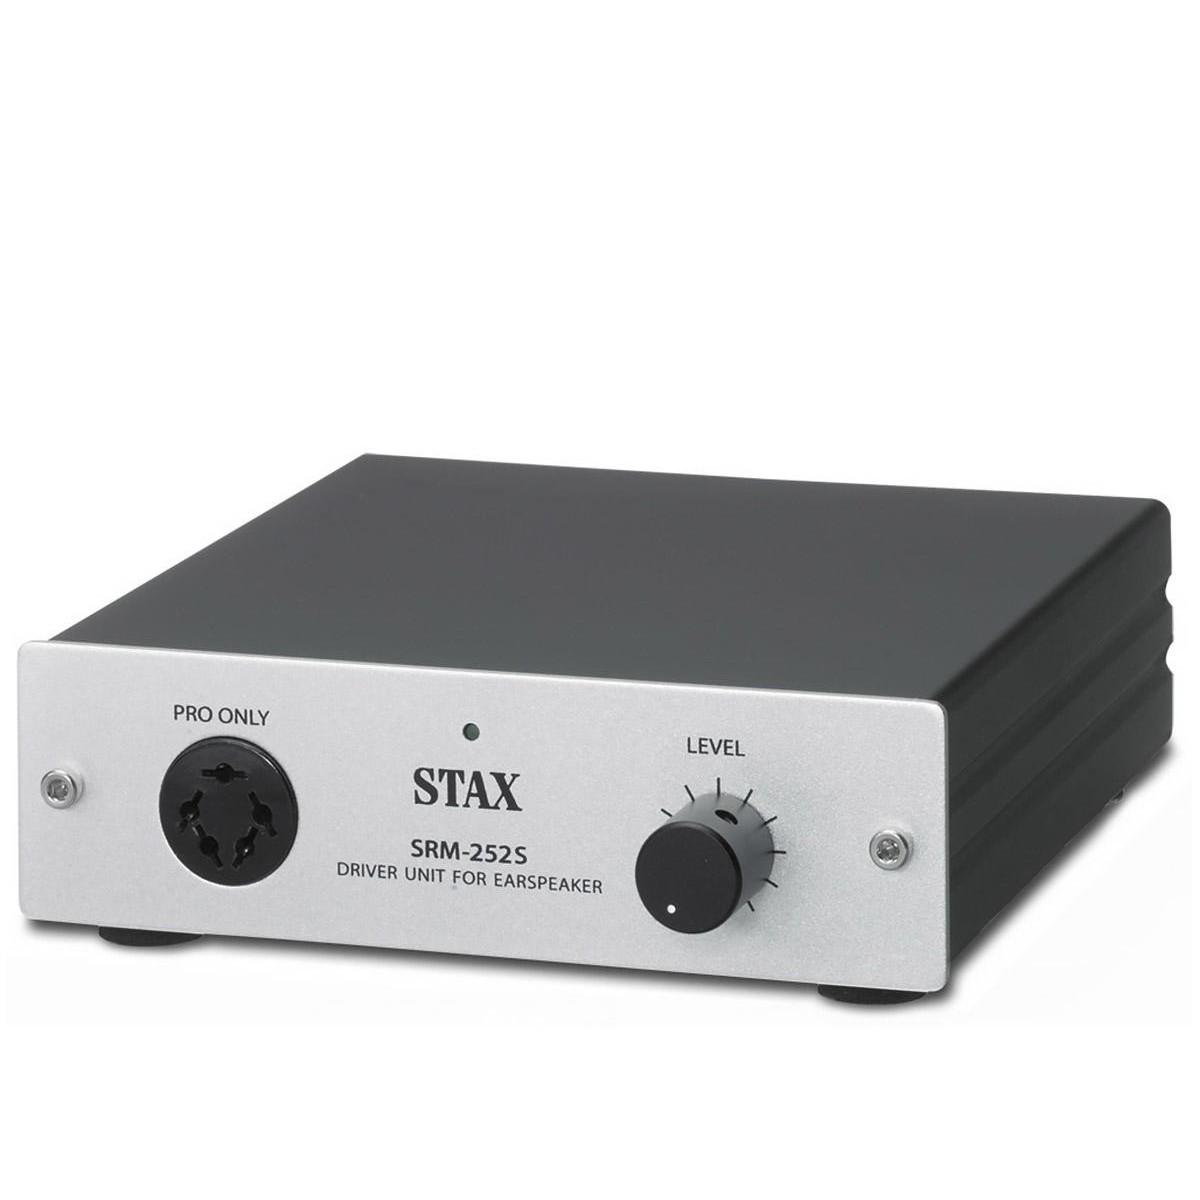 Kopfhörerverstärker SRM-252S